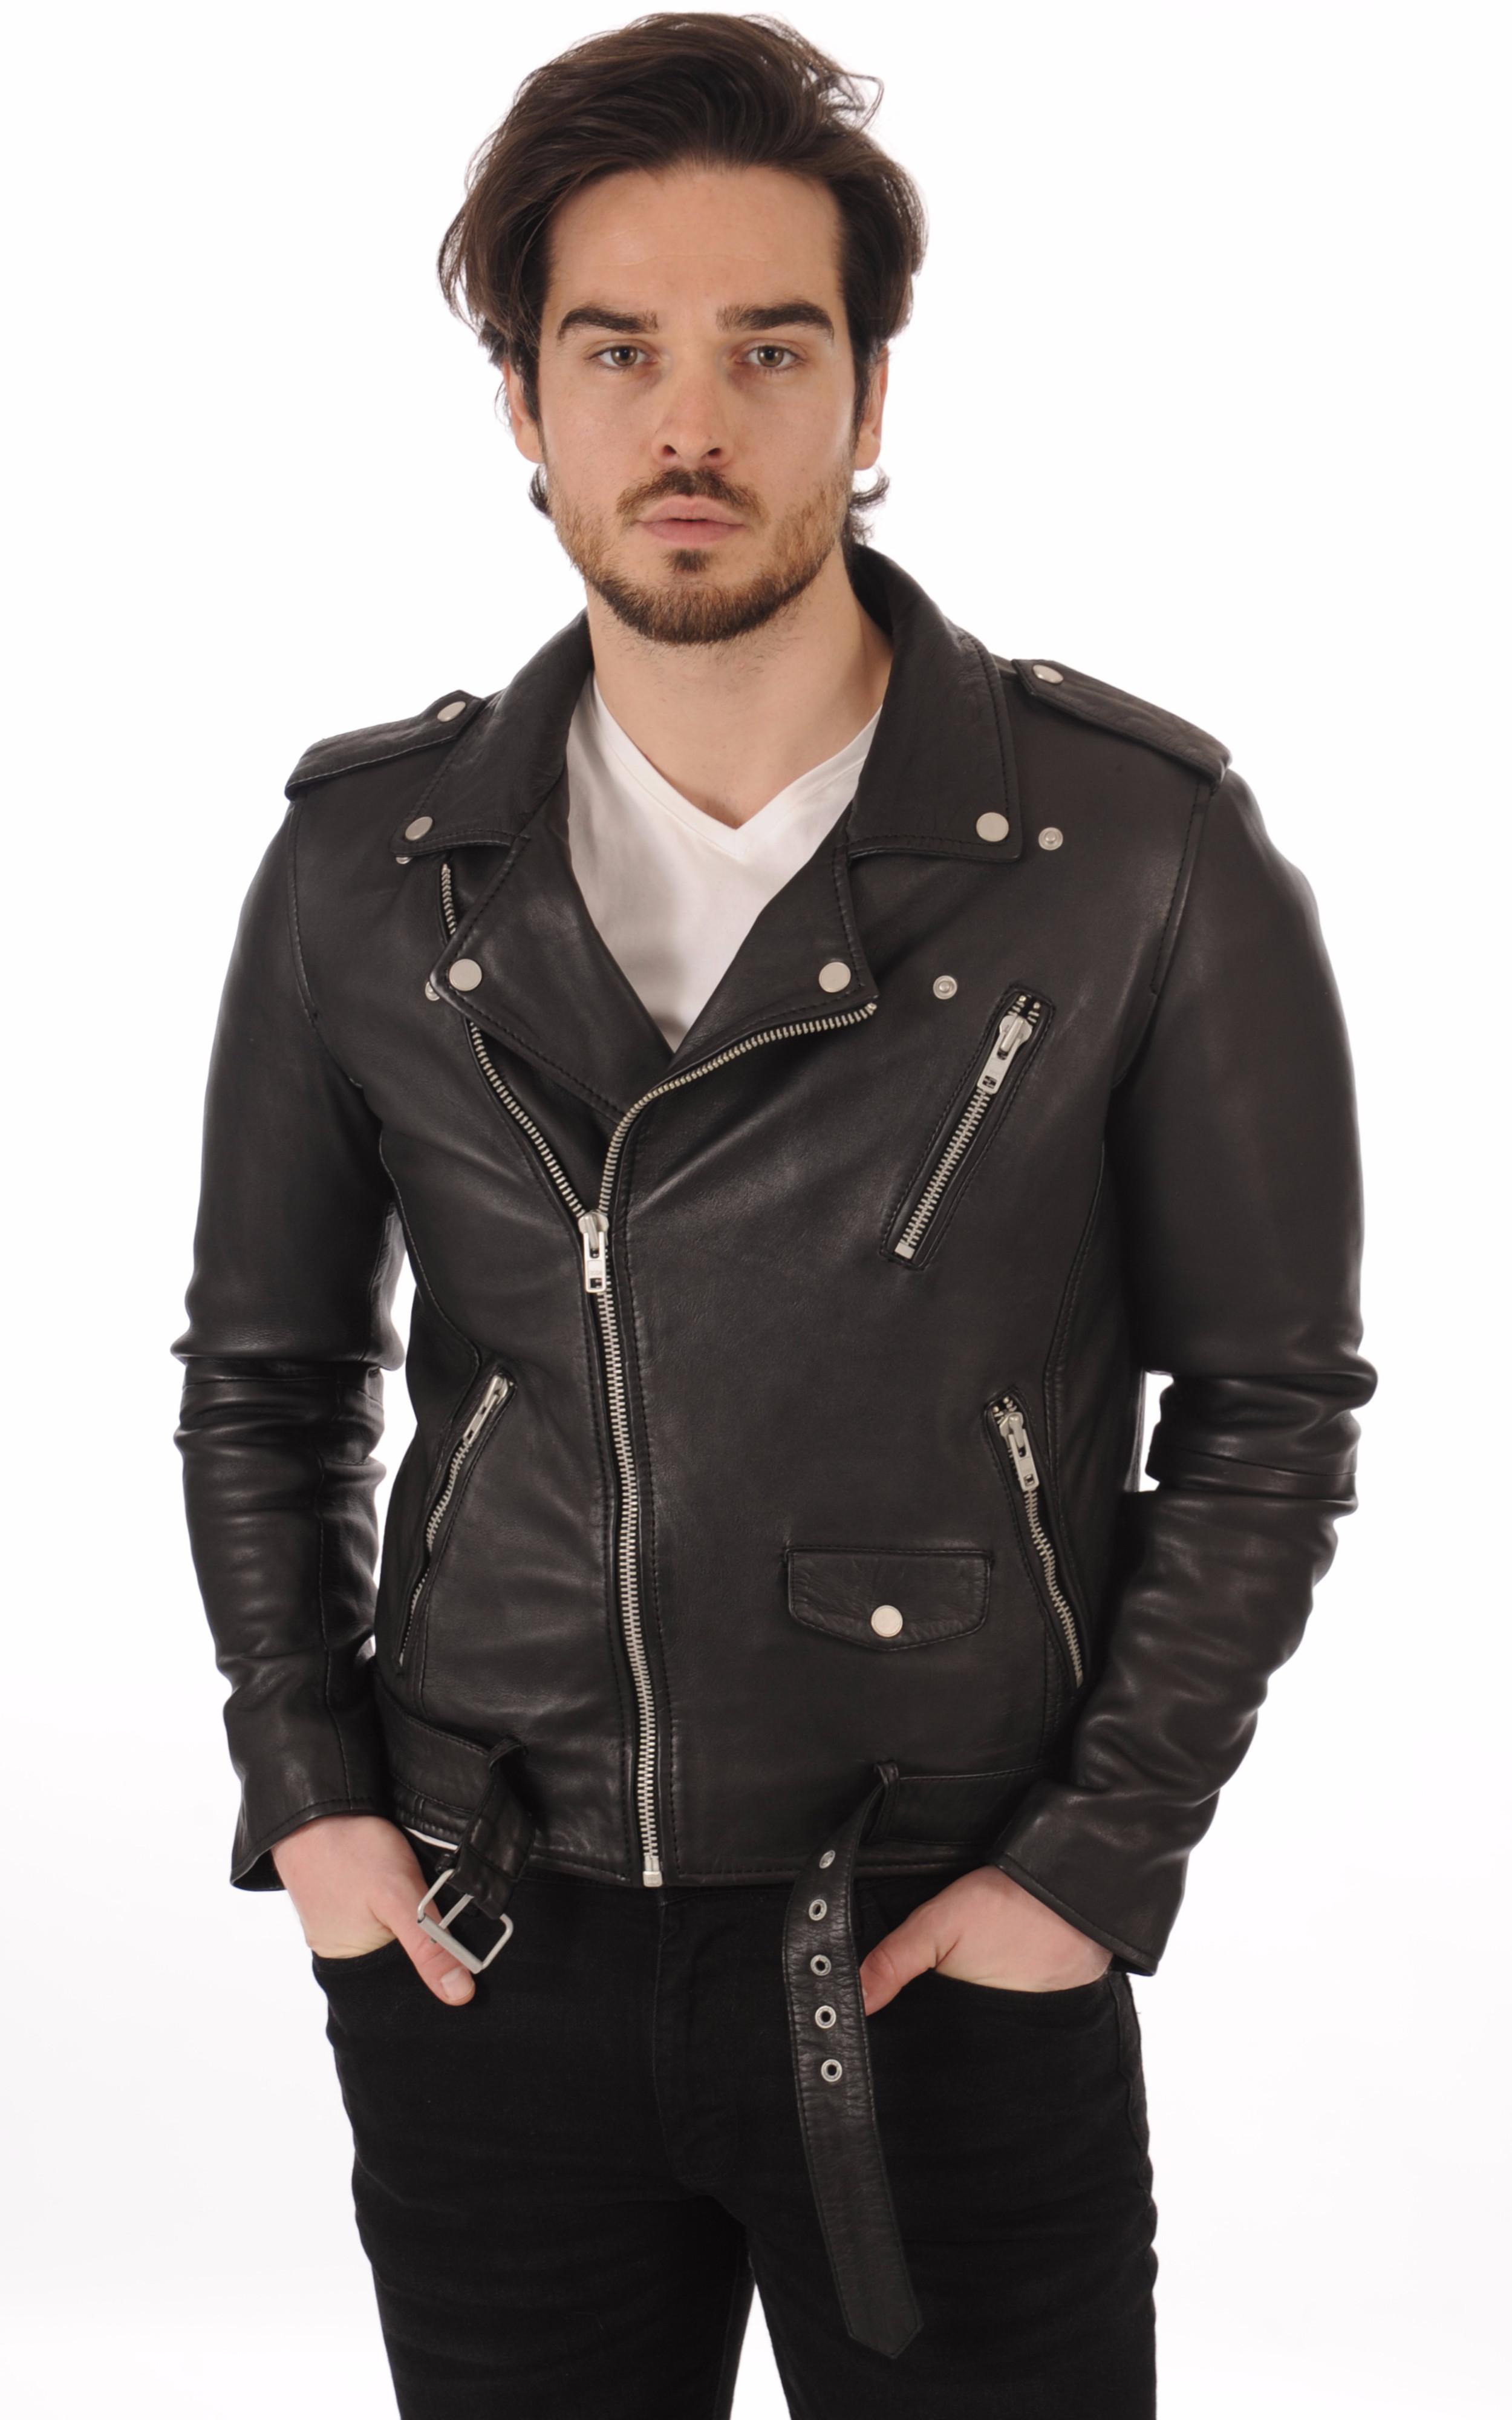 Perf Cuir Style Rocker Serge Pariente